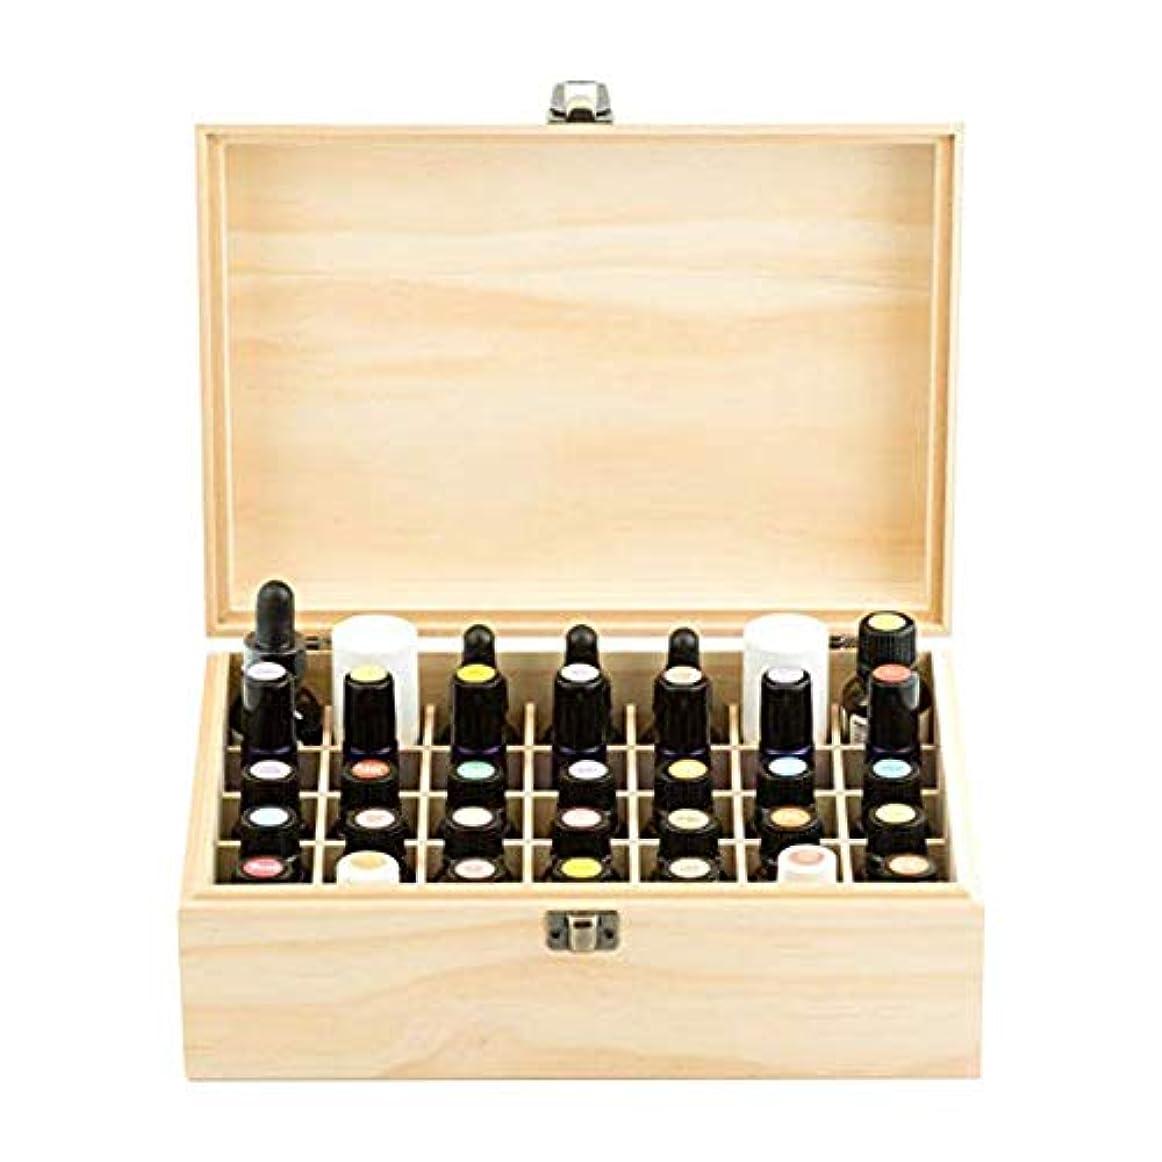 ペストリービジター以上精油収納ケース エッセンシャルオイル収納ボックス 木製 コンパートメント木箱 35本入り 5ml?10ml?15mlのボルトに適用 junexi